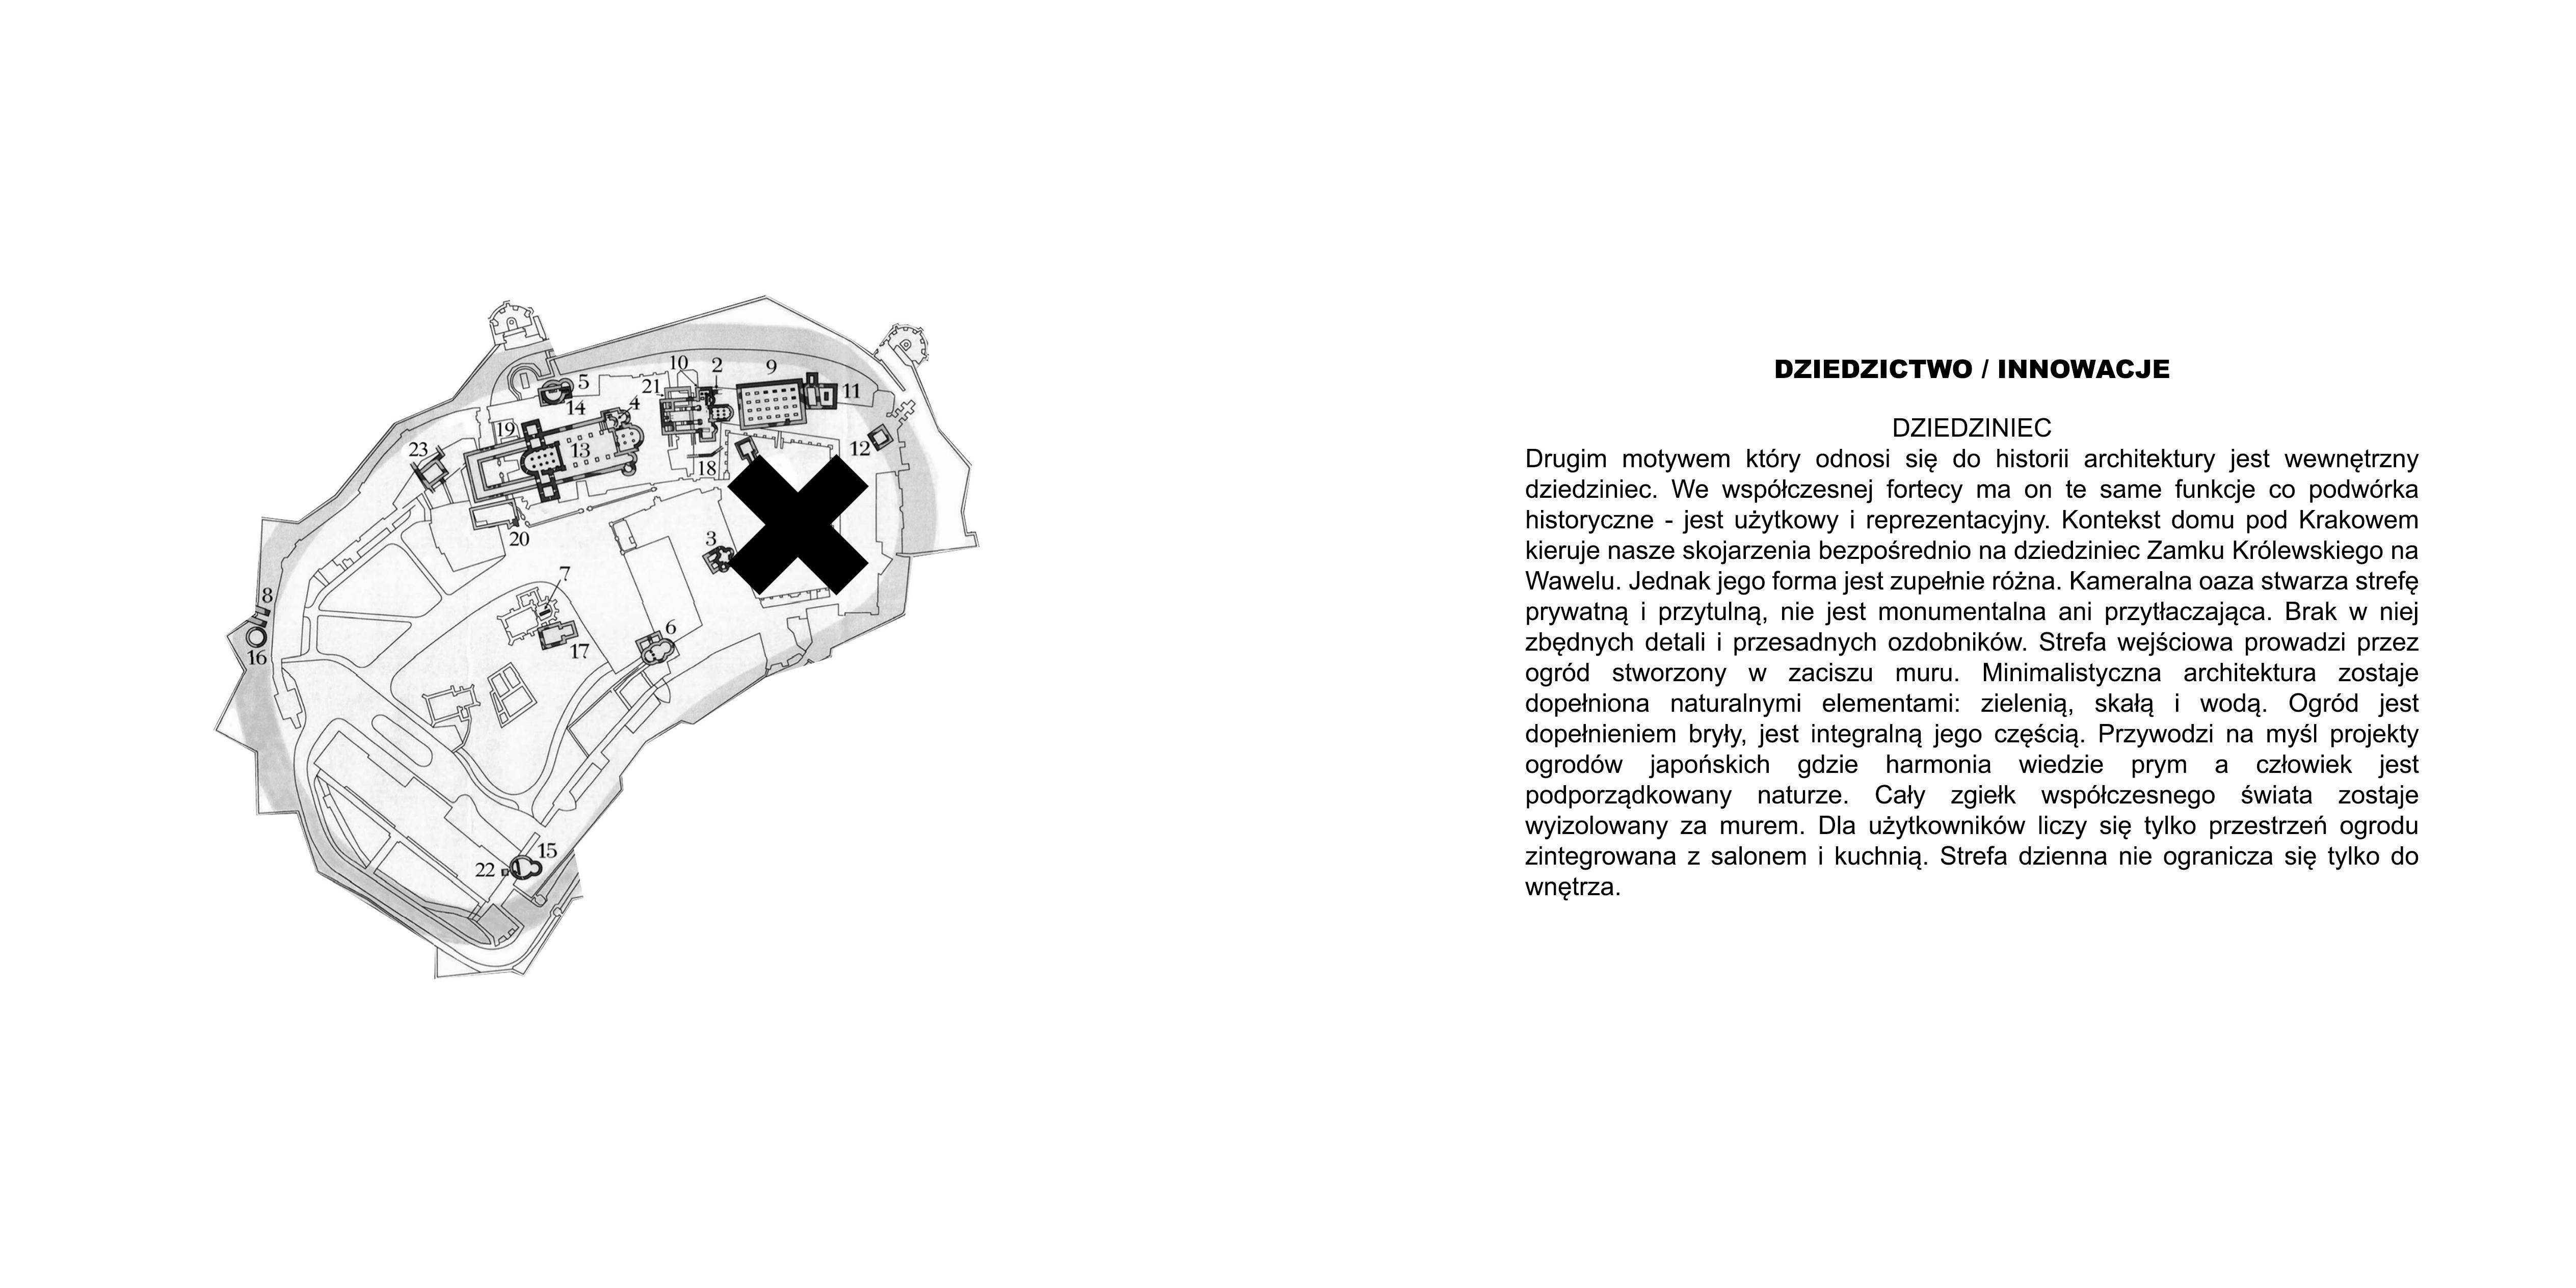 Forteca XS - Dziedzictwo/Innowacje - Dziedziniec